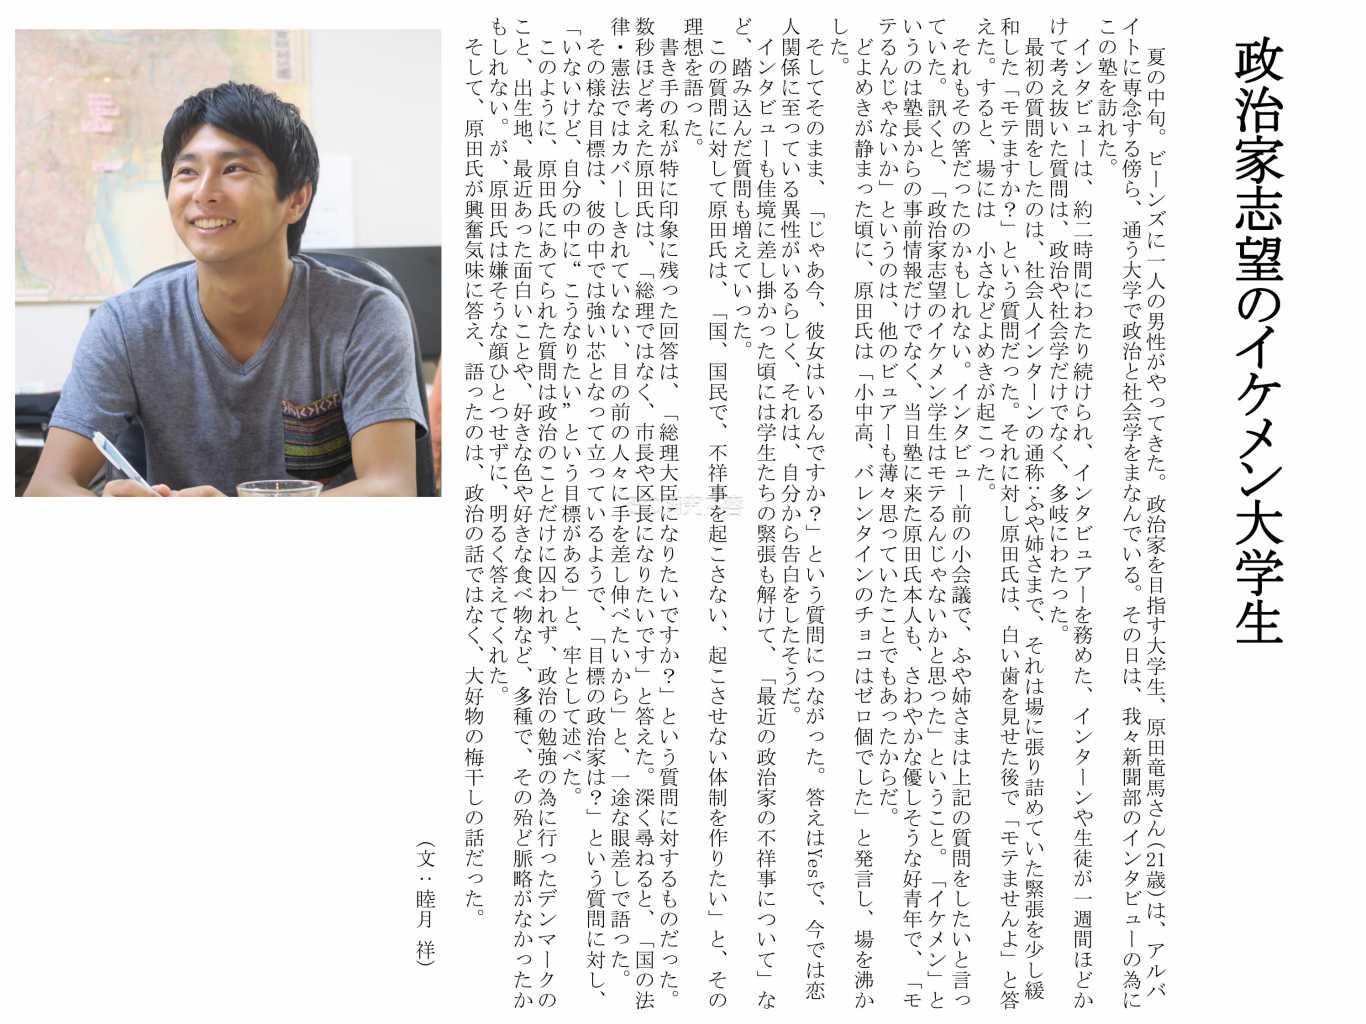 政治家志望のイケメン大学生